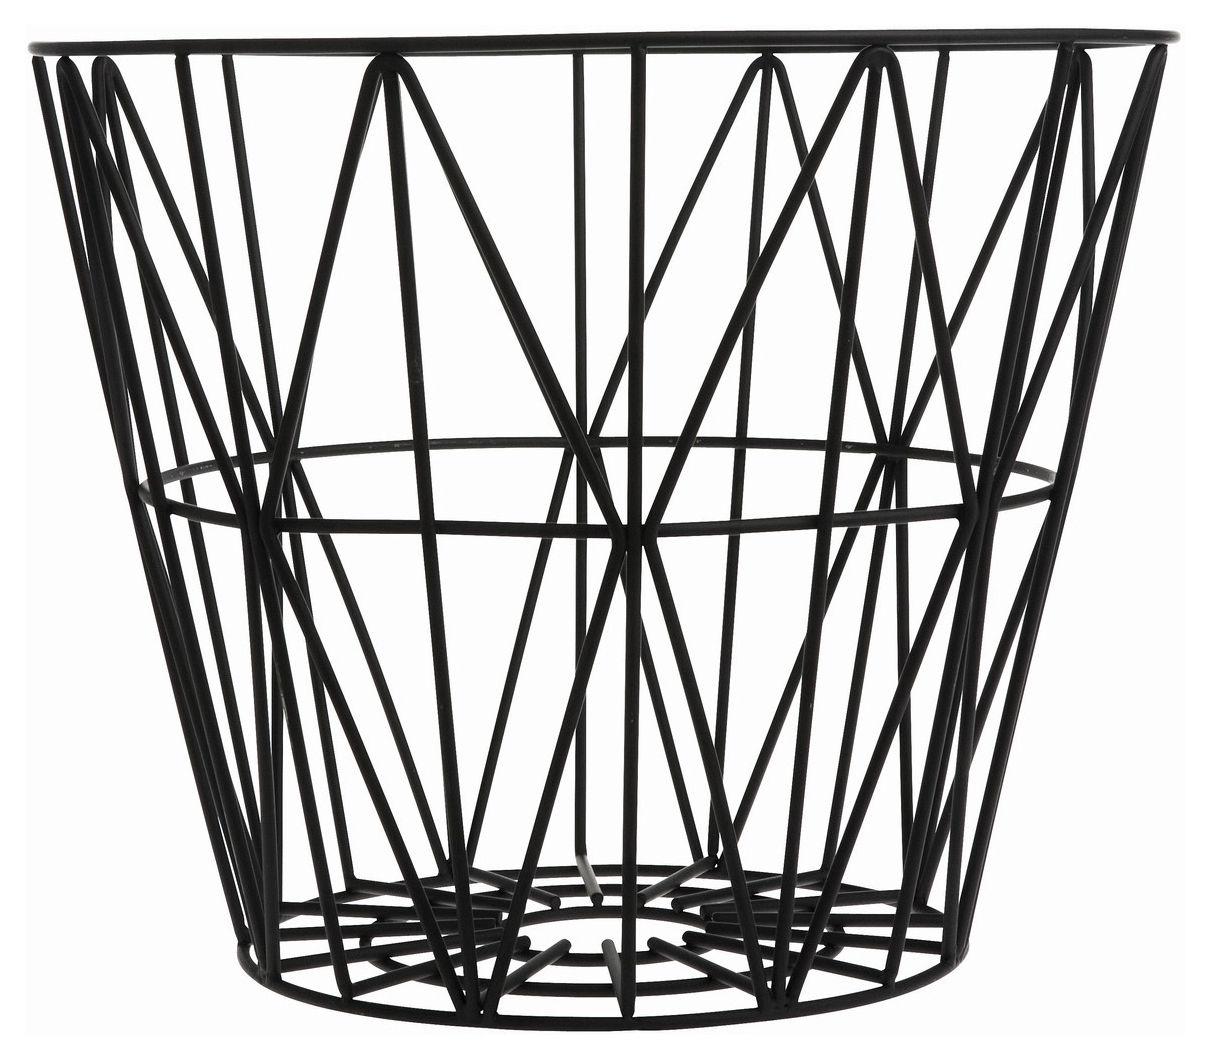 Déco - Salle de bains - Corbeille Wire Medium / Ø 50 x H 40 cm - Ferm Living - Noir - Fil de fer laqué